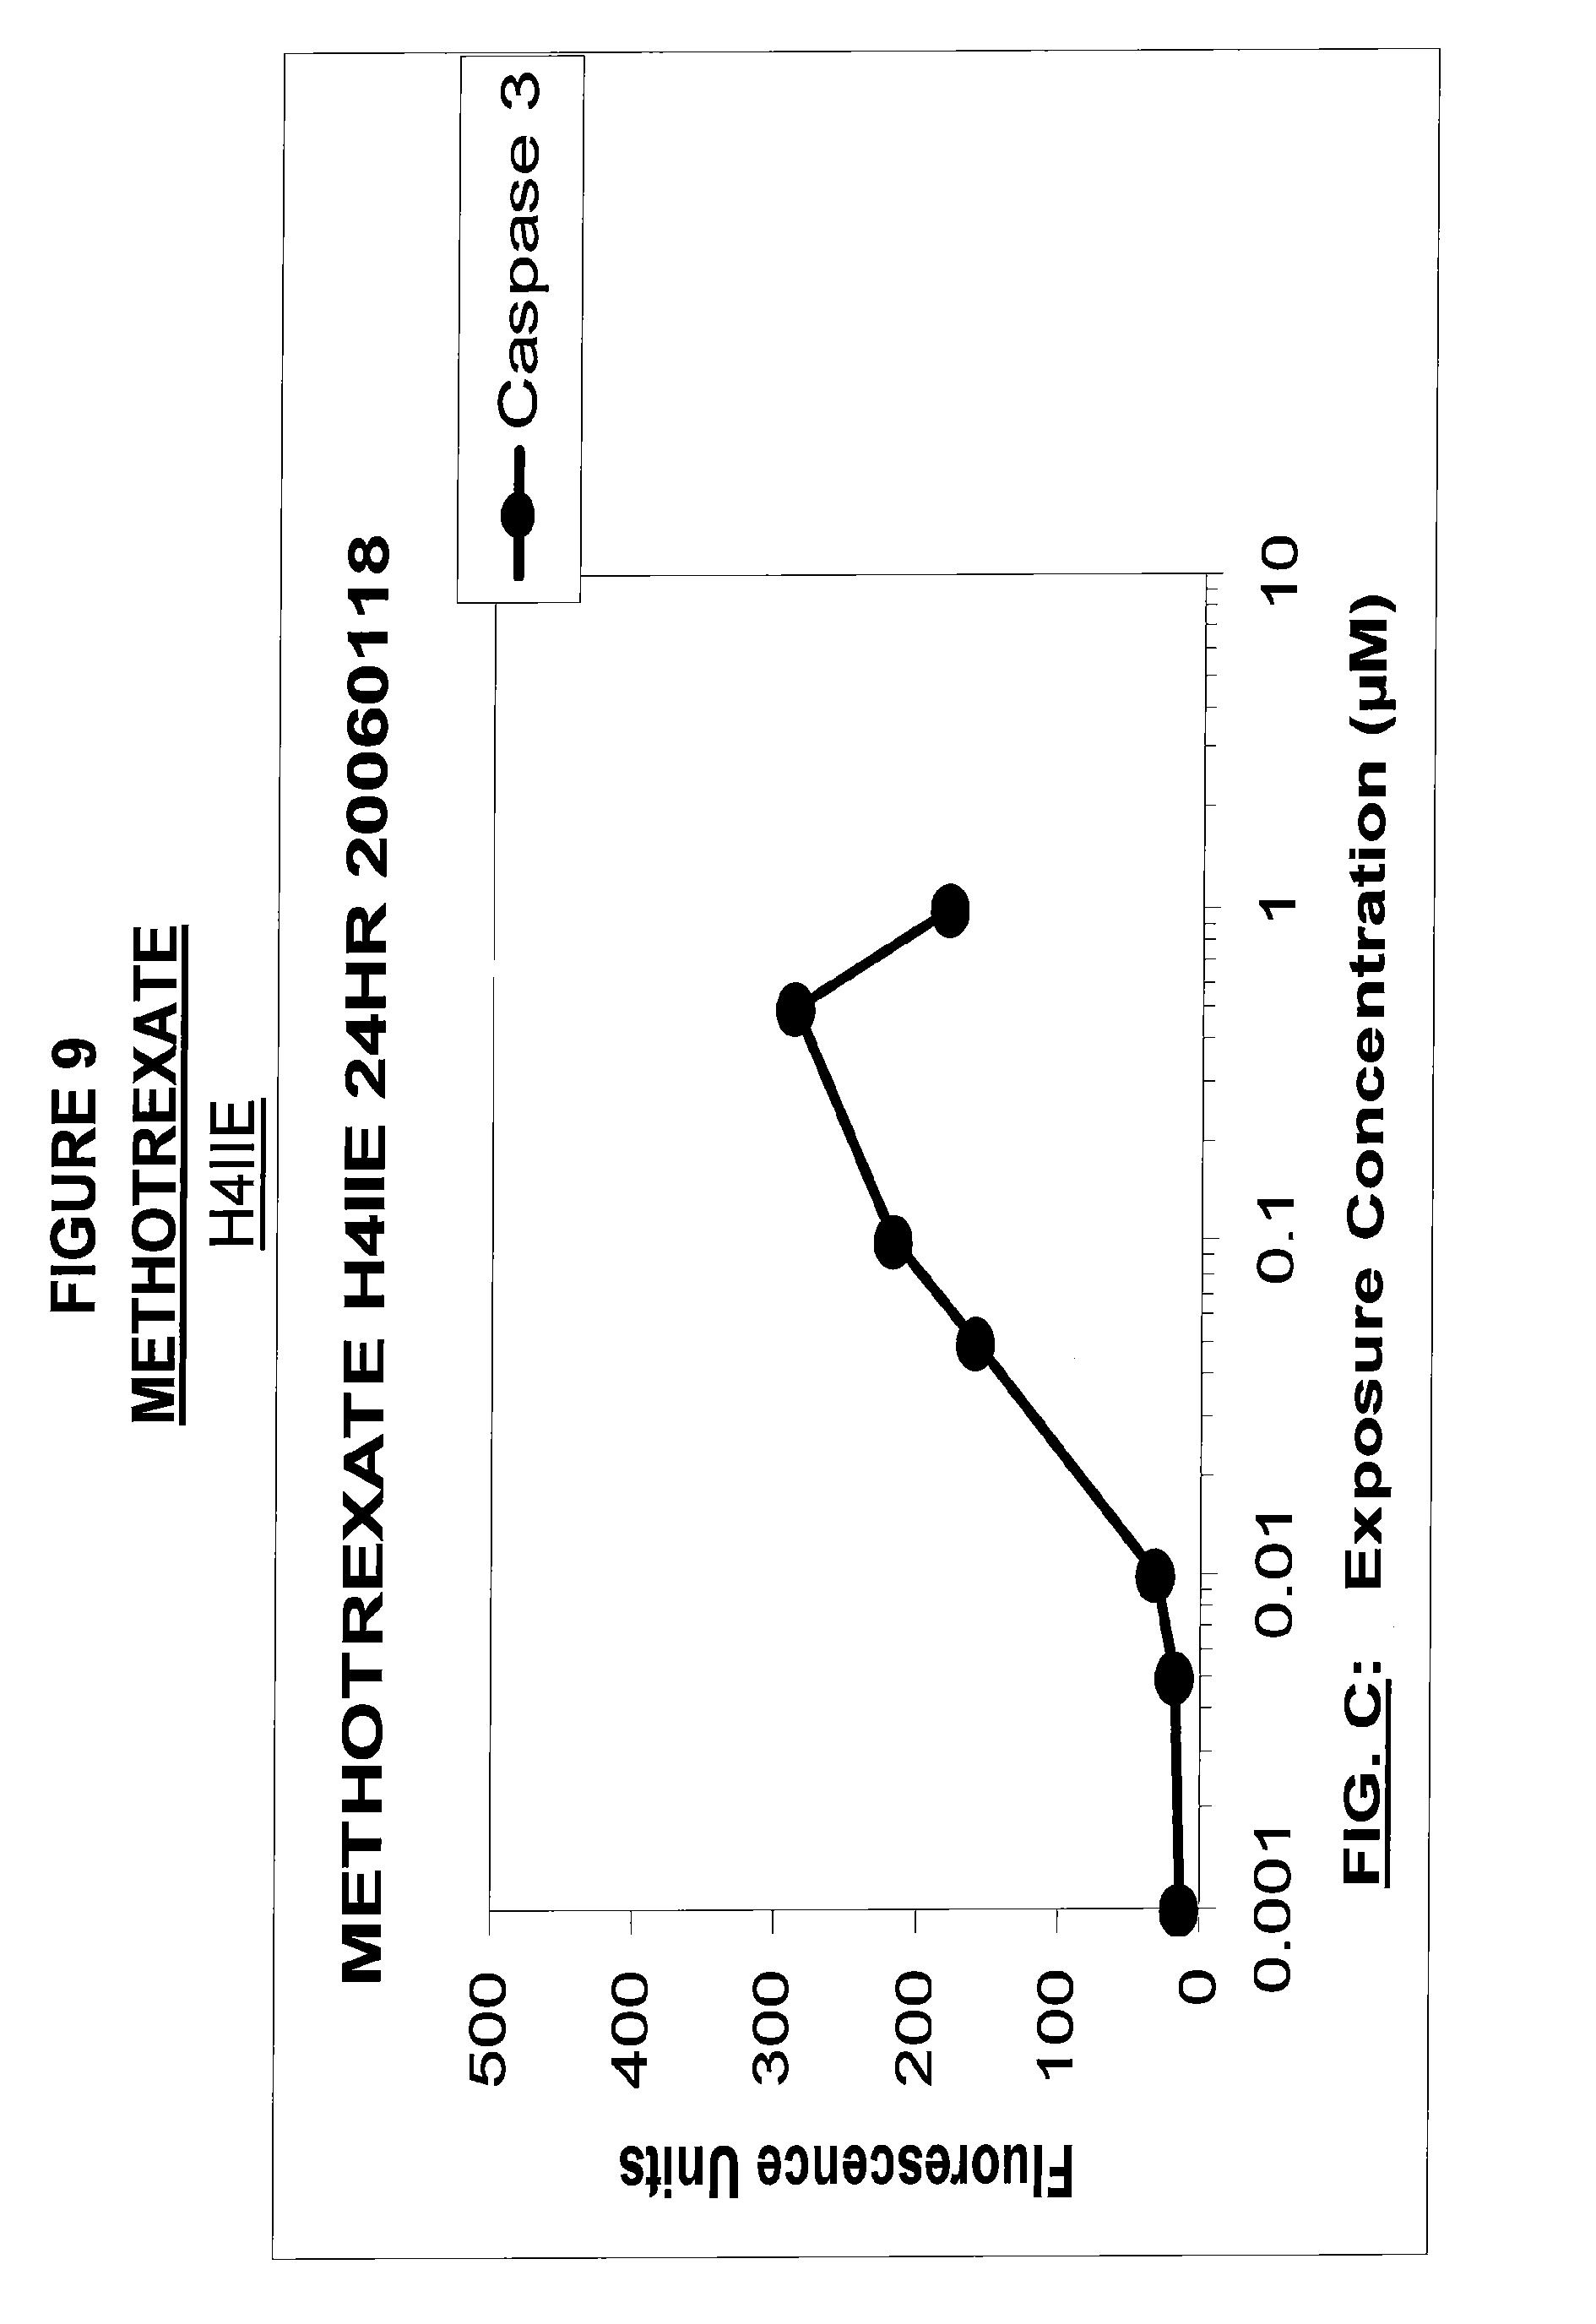 sb3040st电路图